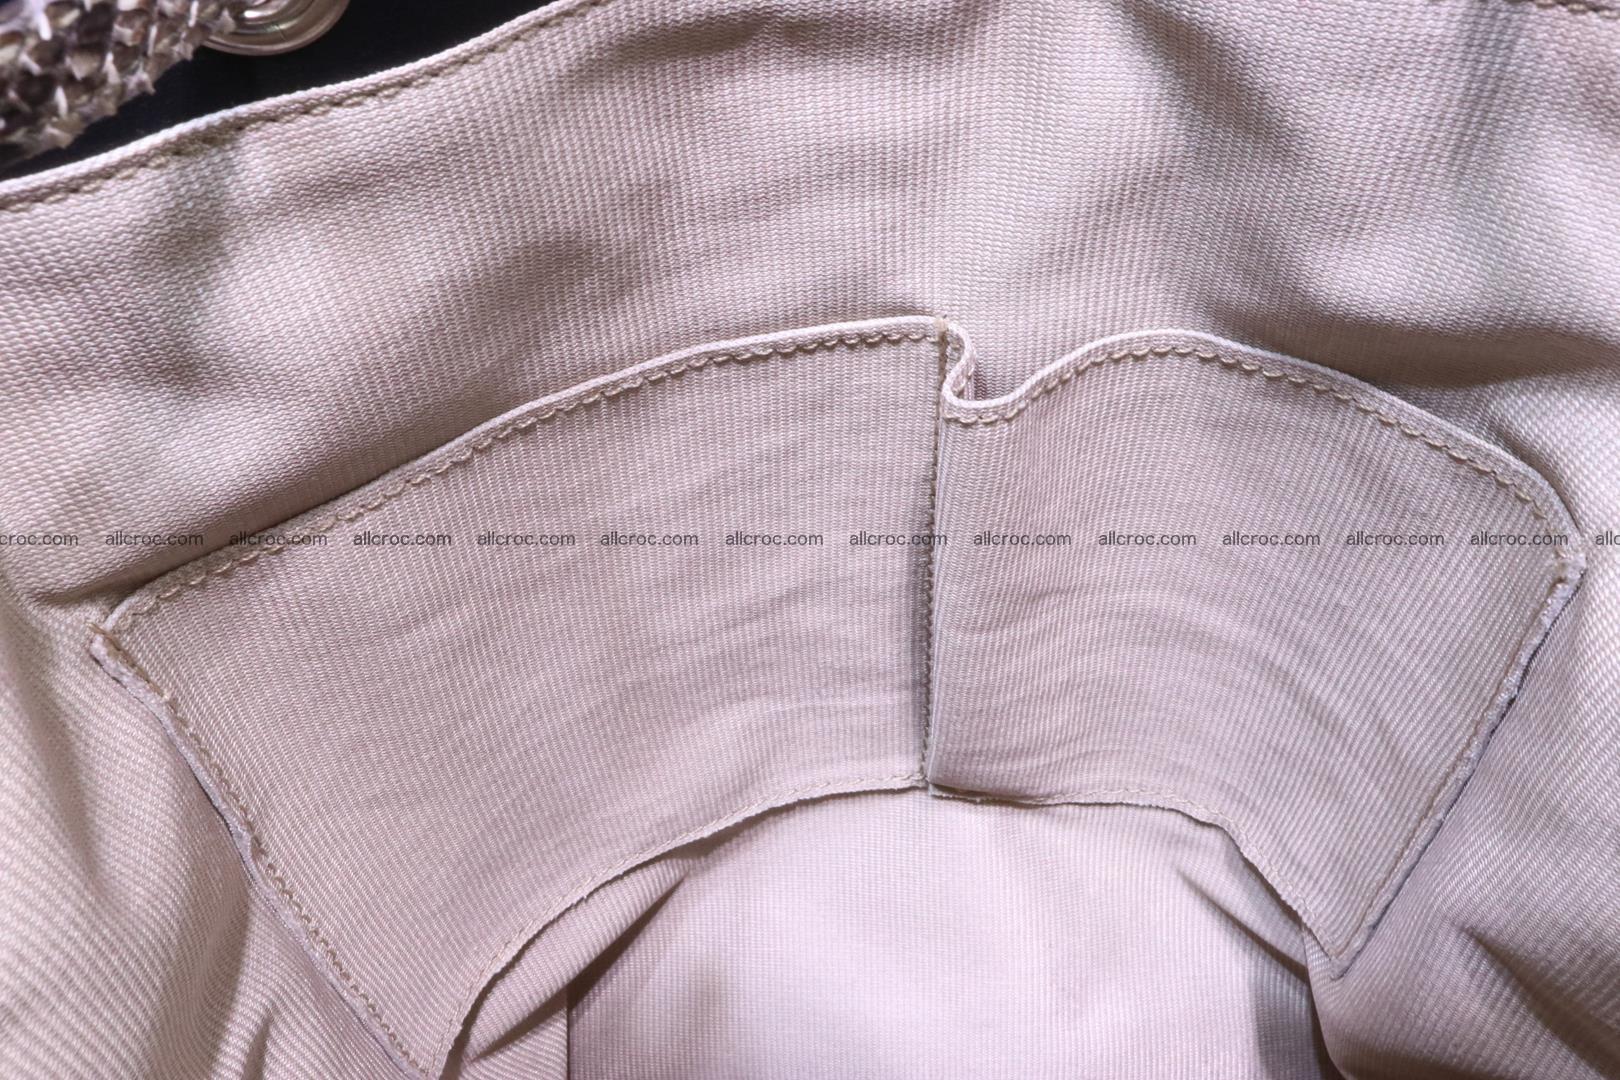 Cobra skin backpack with head of cobra 187 Foto 13